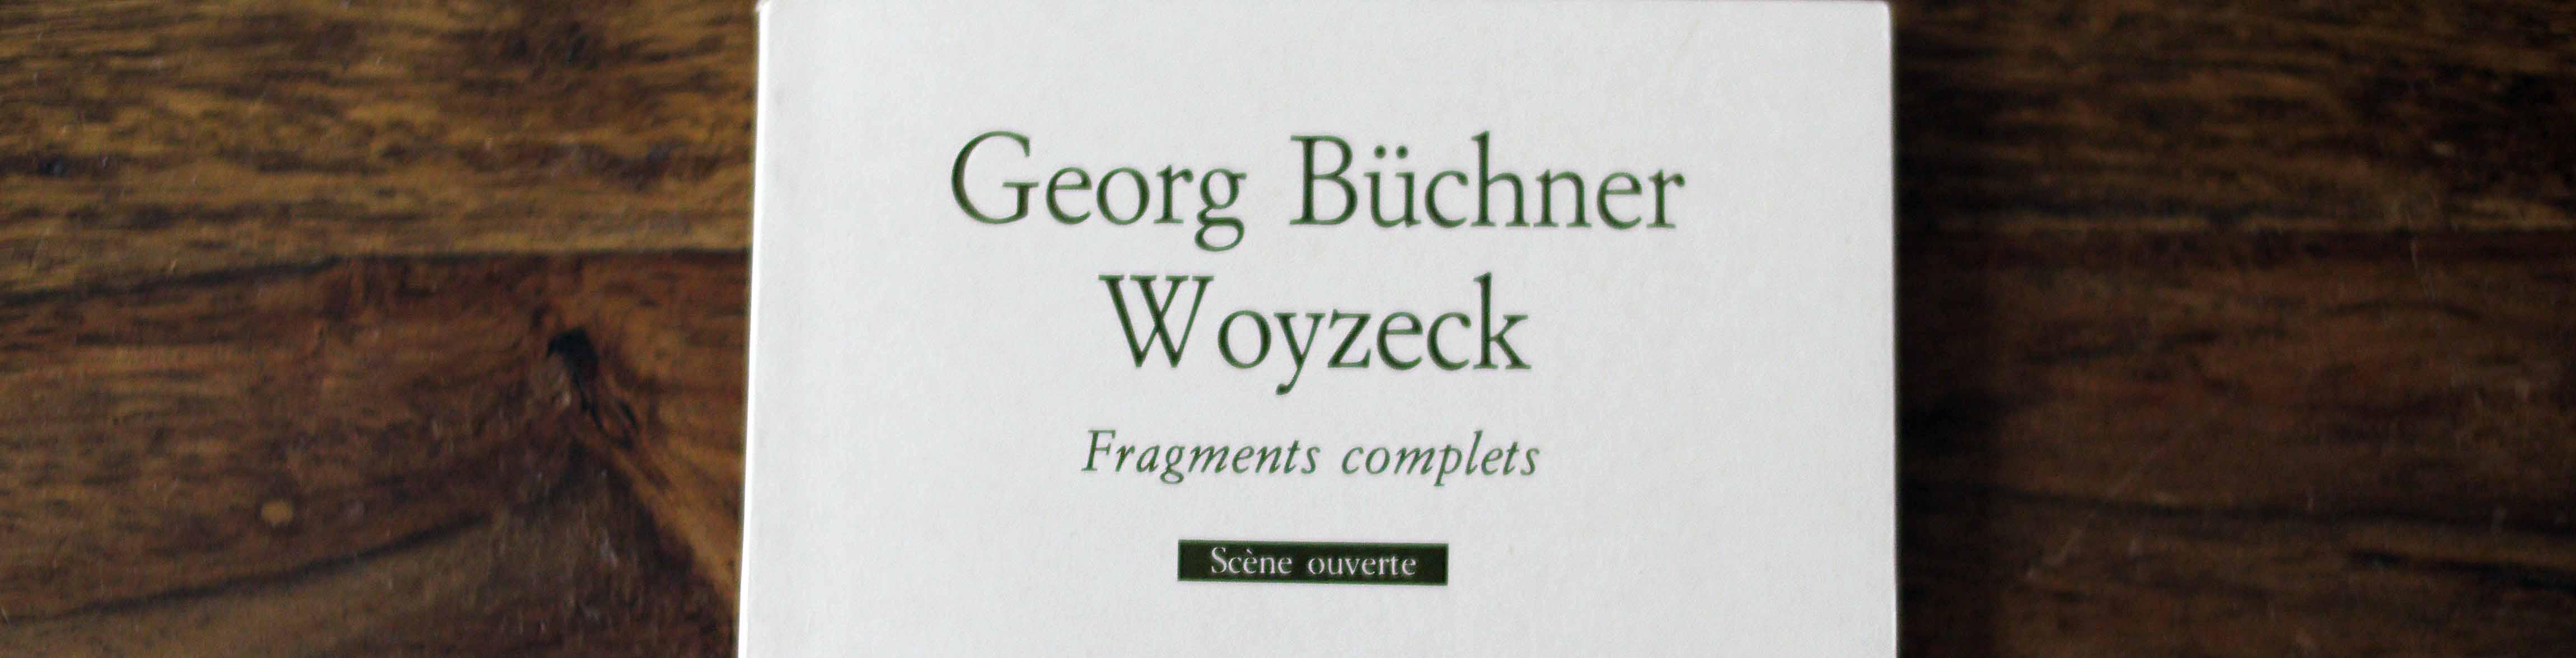 Der Band mit der Woyzeck-Übersetzung versammelt alle vier Manuskripte